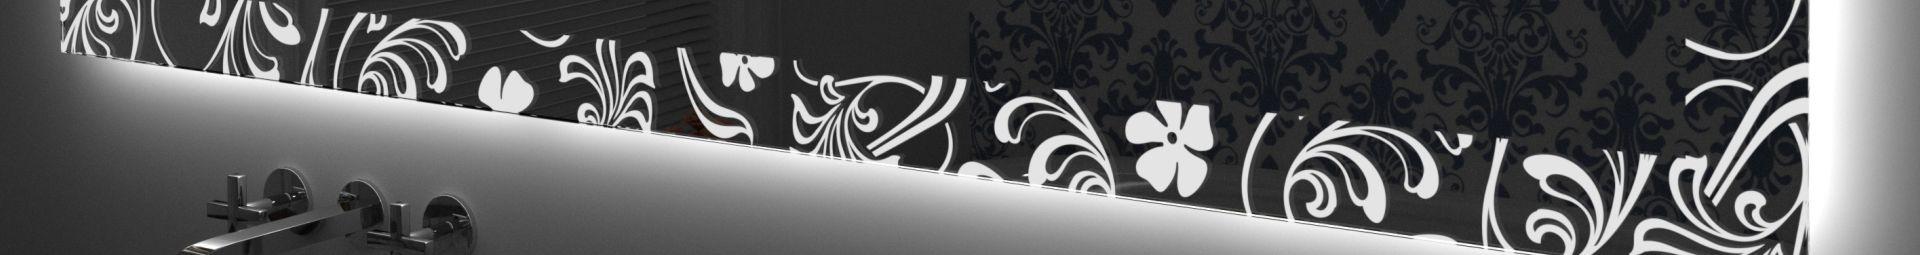 Specchi decorativi - Specchi decorati non retroilluminati